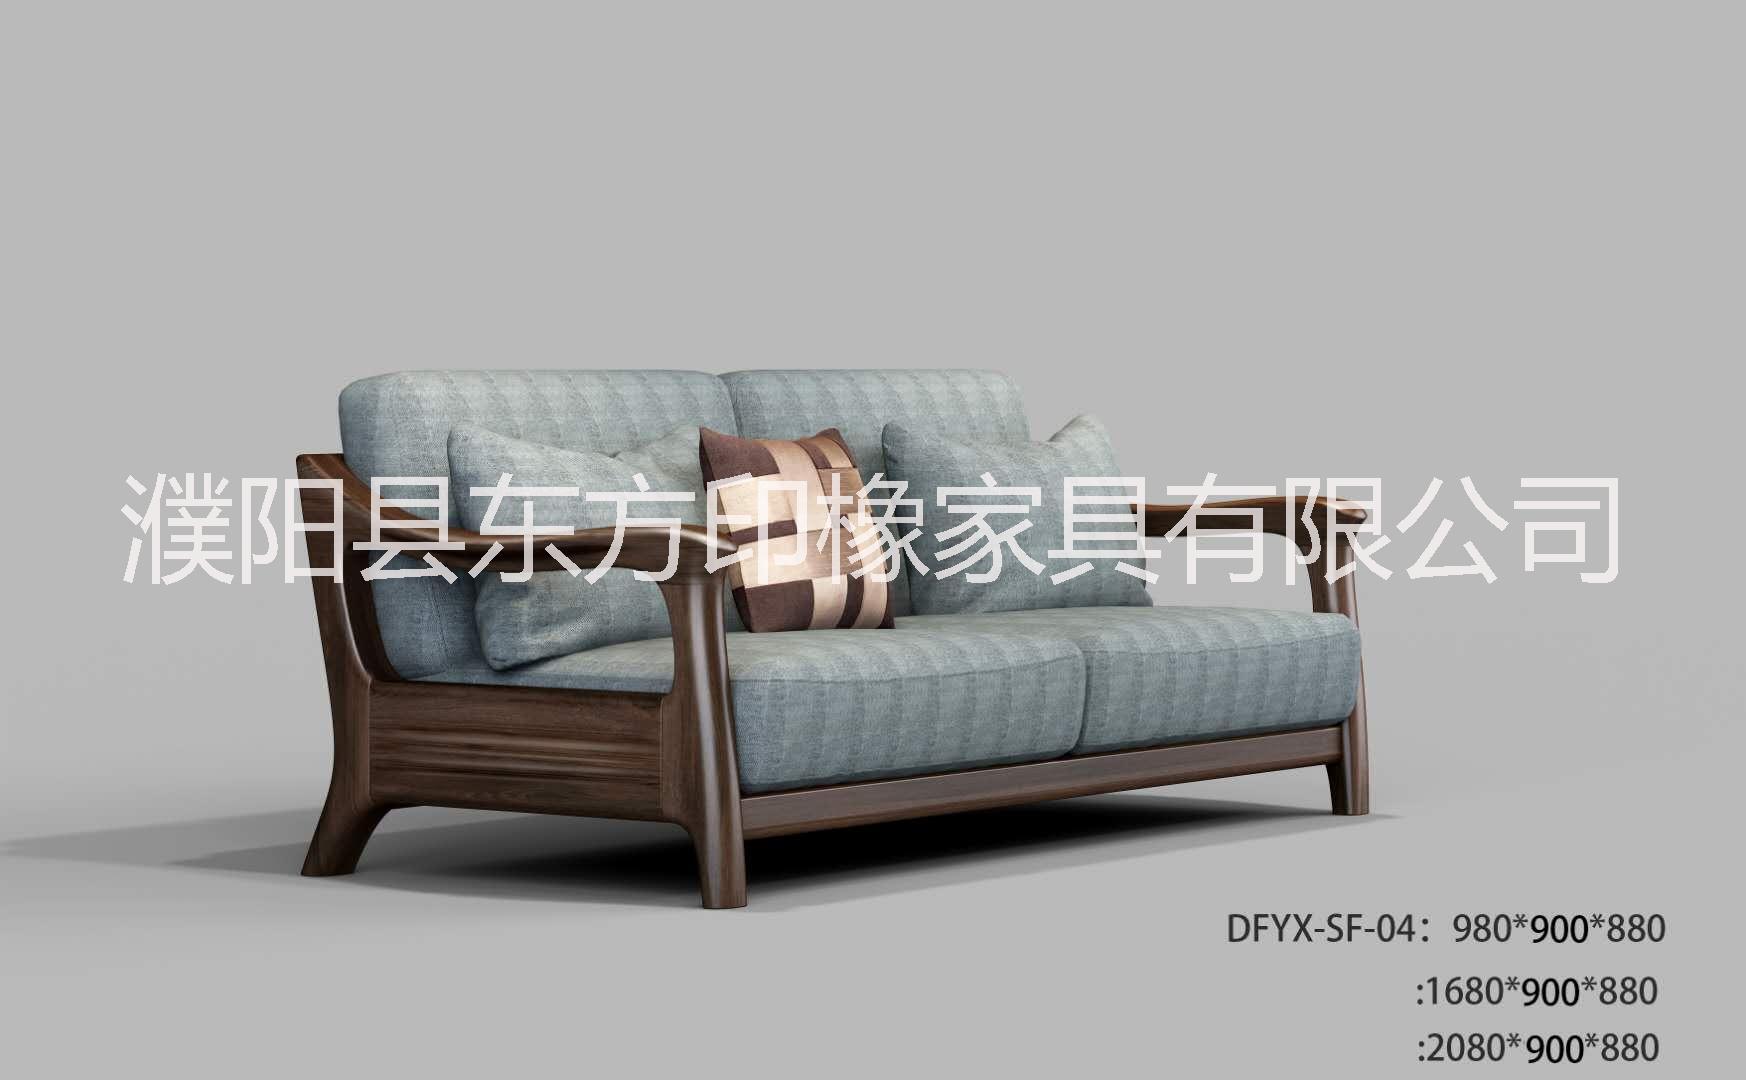 濮阳沙发供应商     沙发     河南沙发厂家    沙发价格   客厅沙发 供应沙发